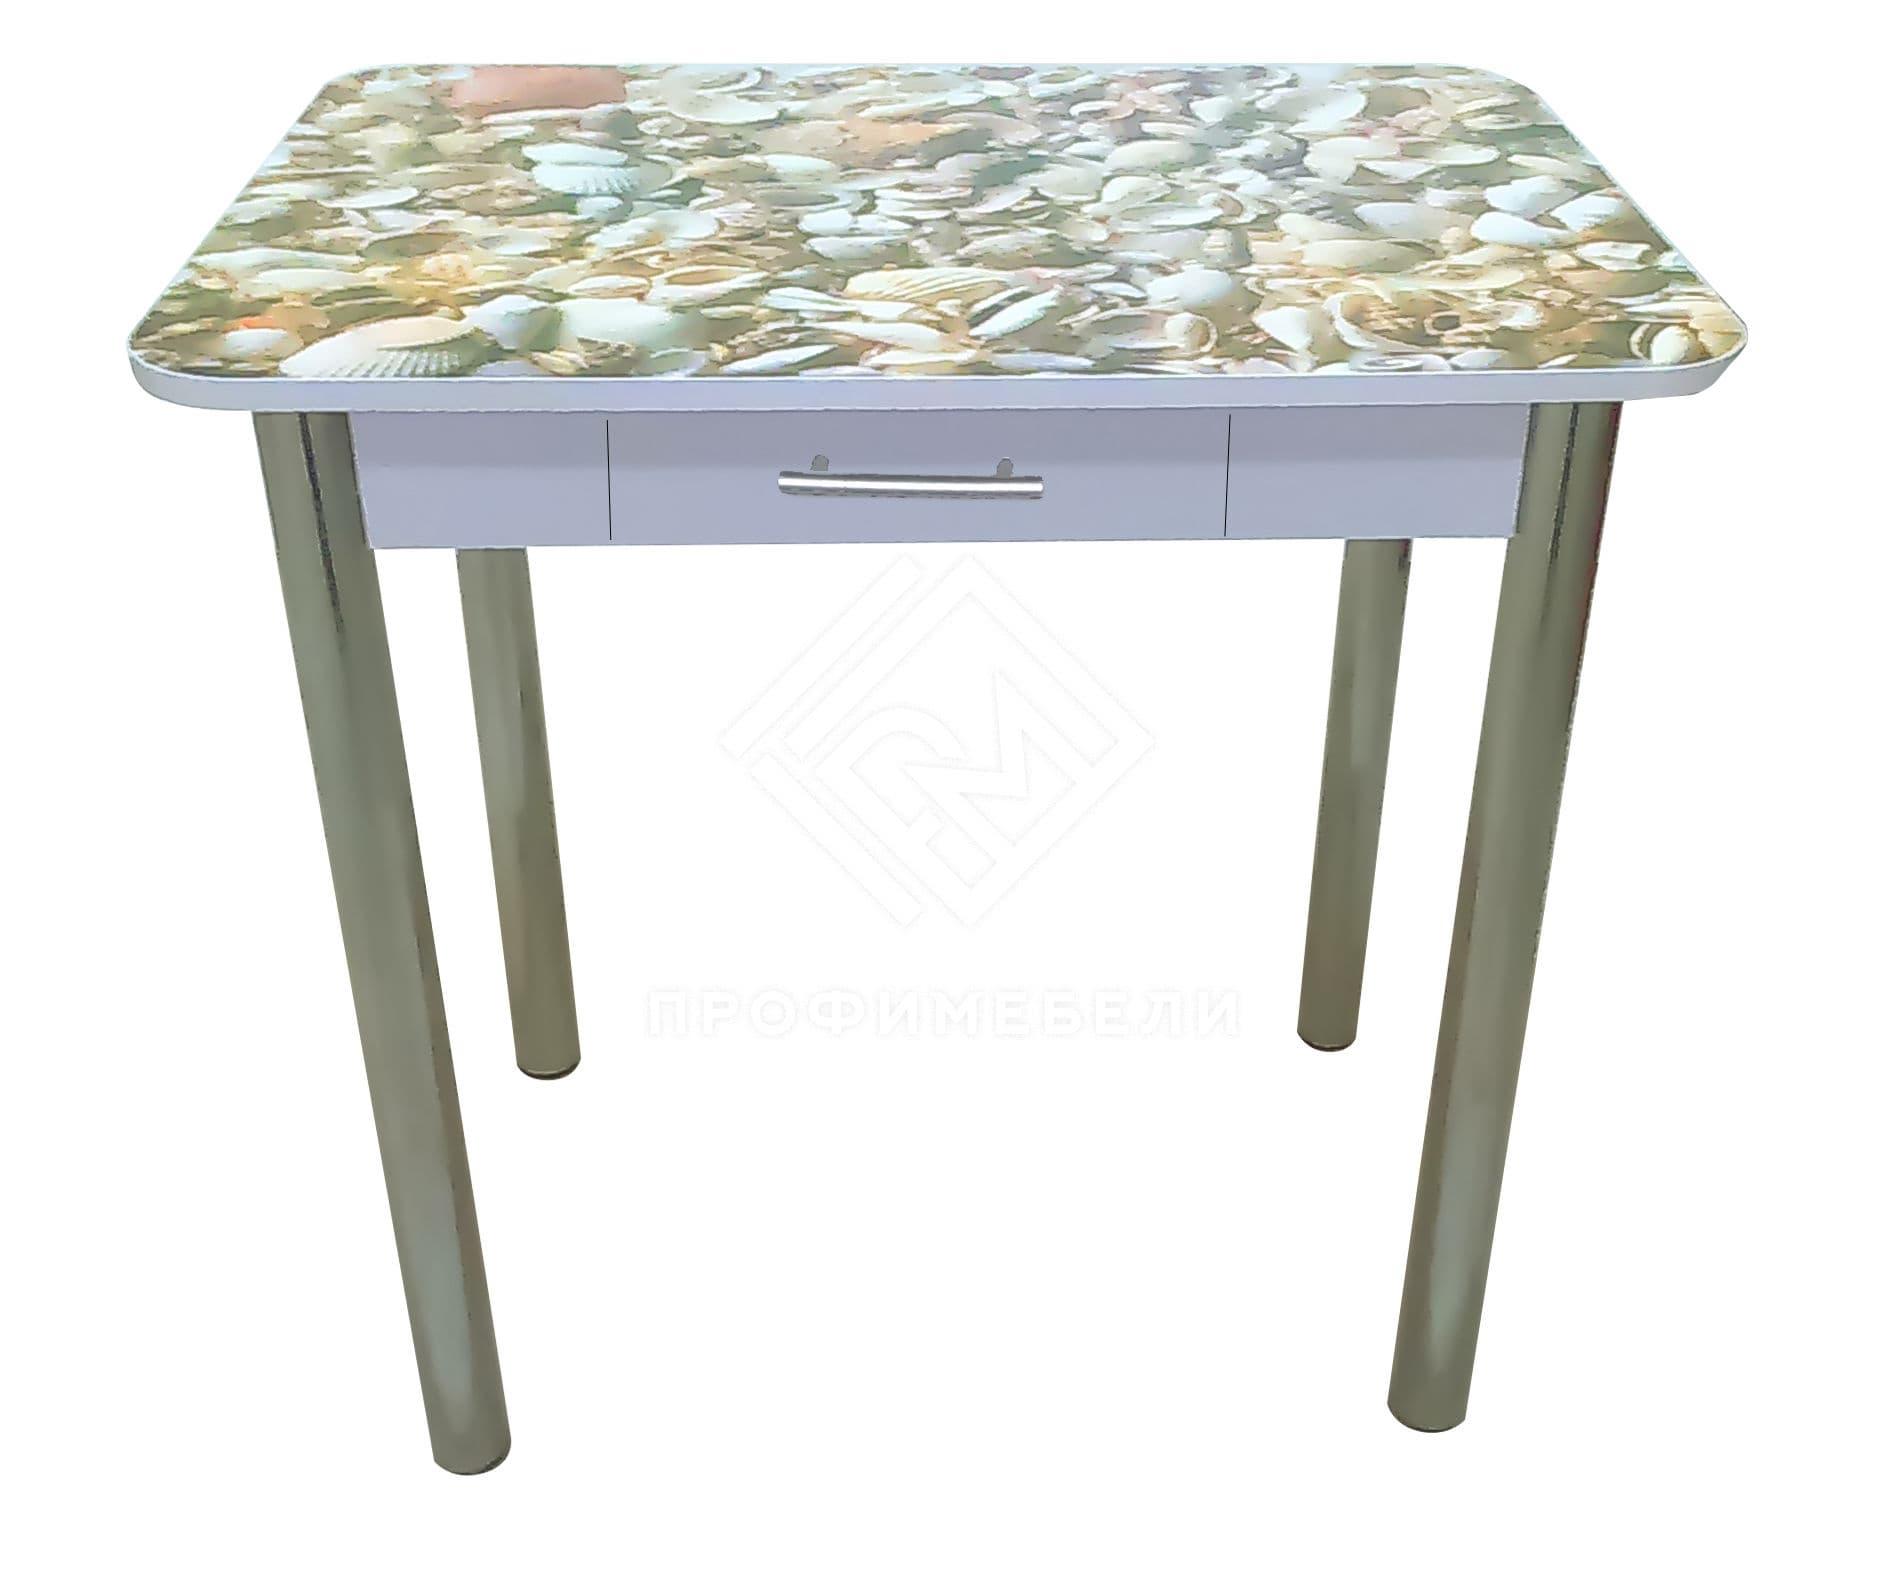 Фото - Стол обеденный прямоугольный с ящиком  и  фотопечатью (800) ноги хром, МДФ ракушки (№1)